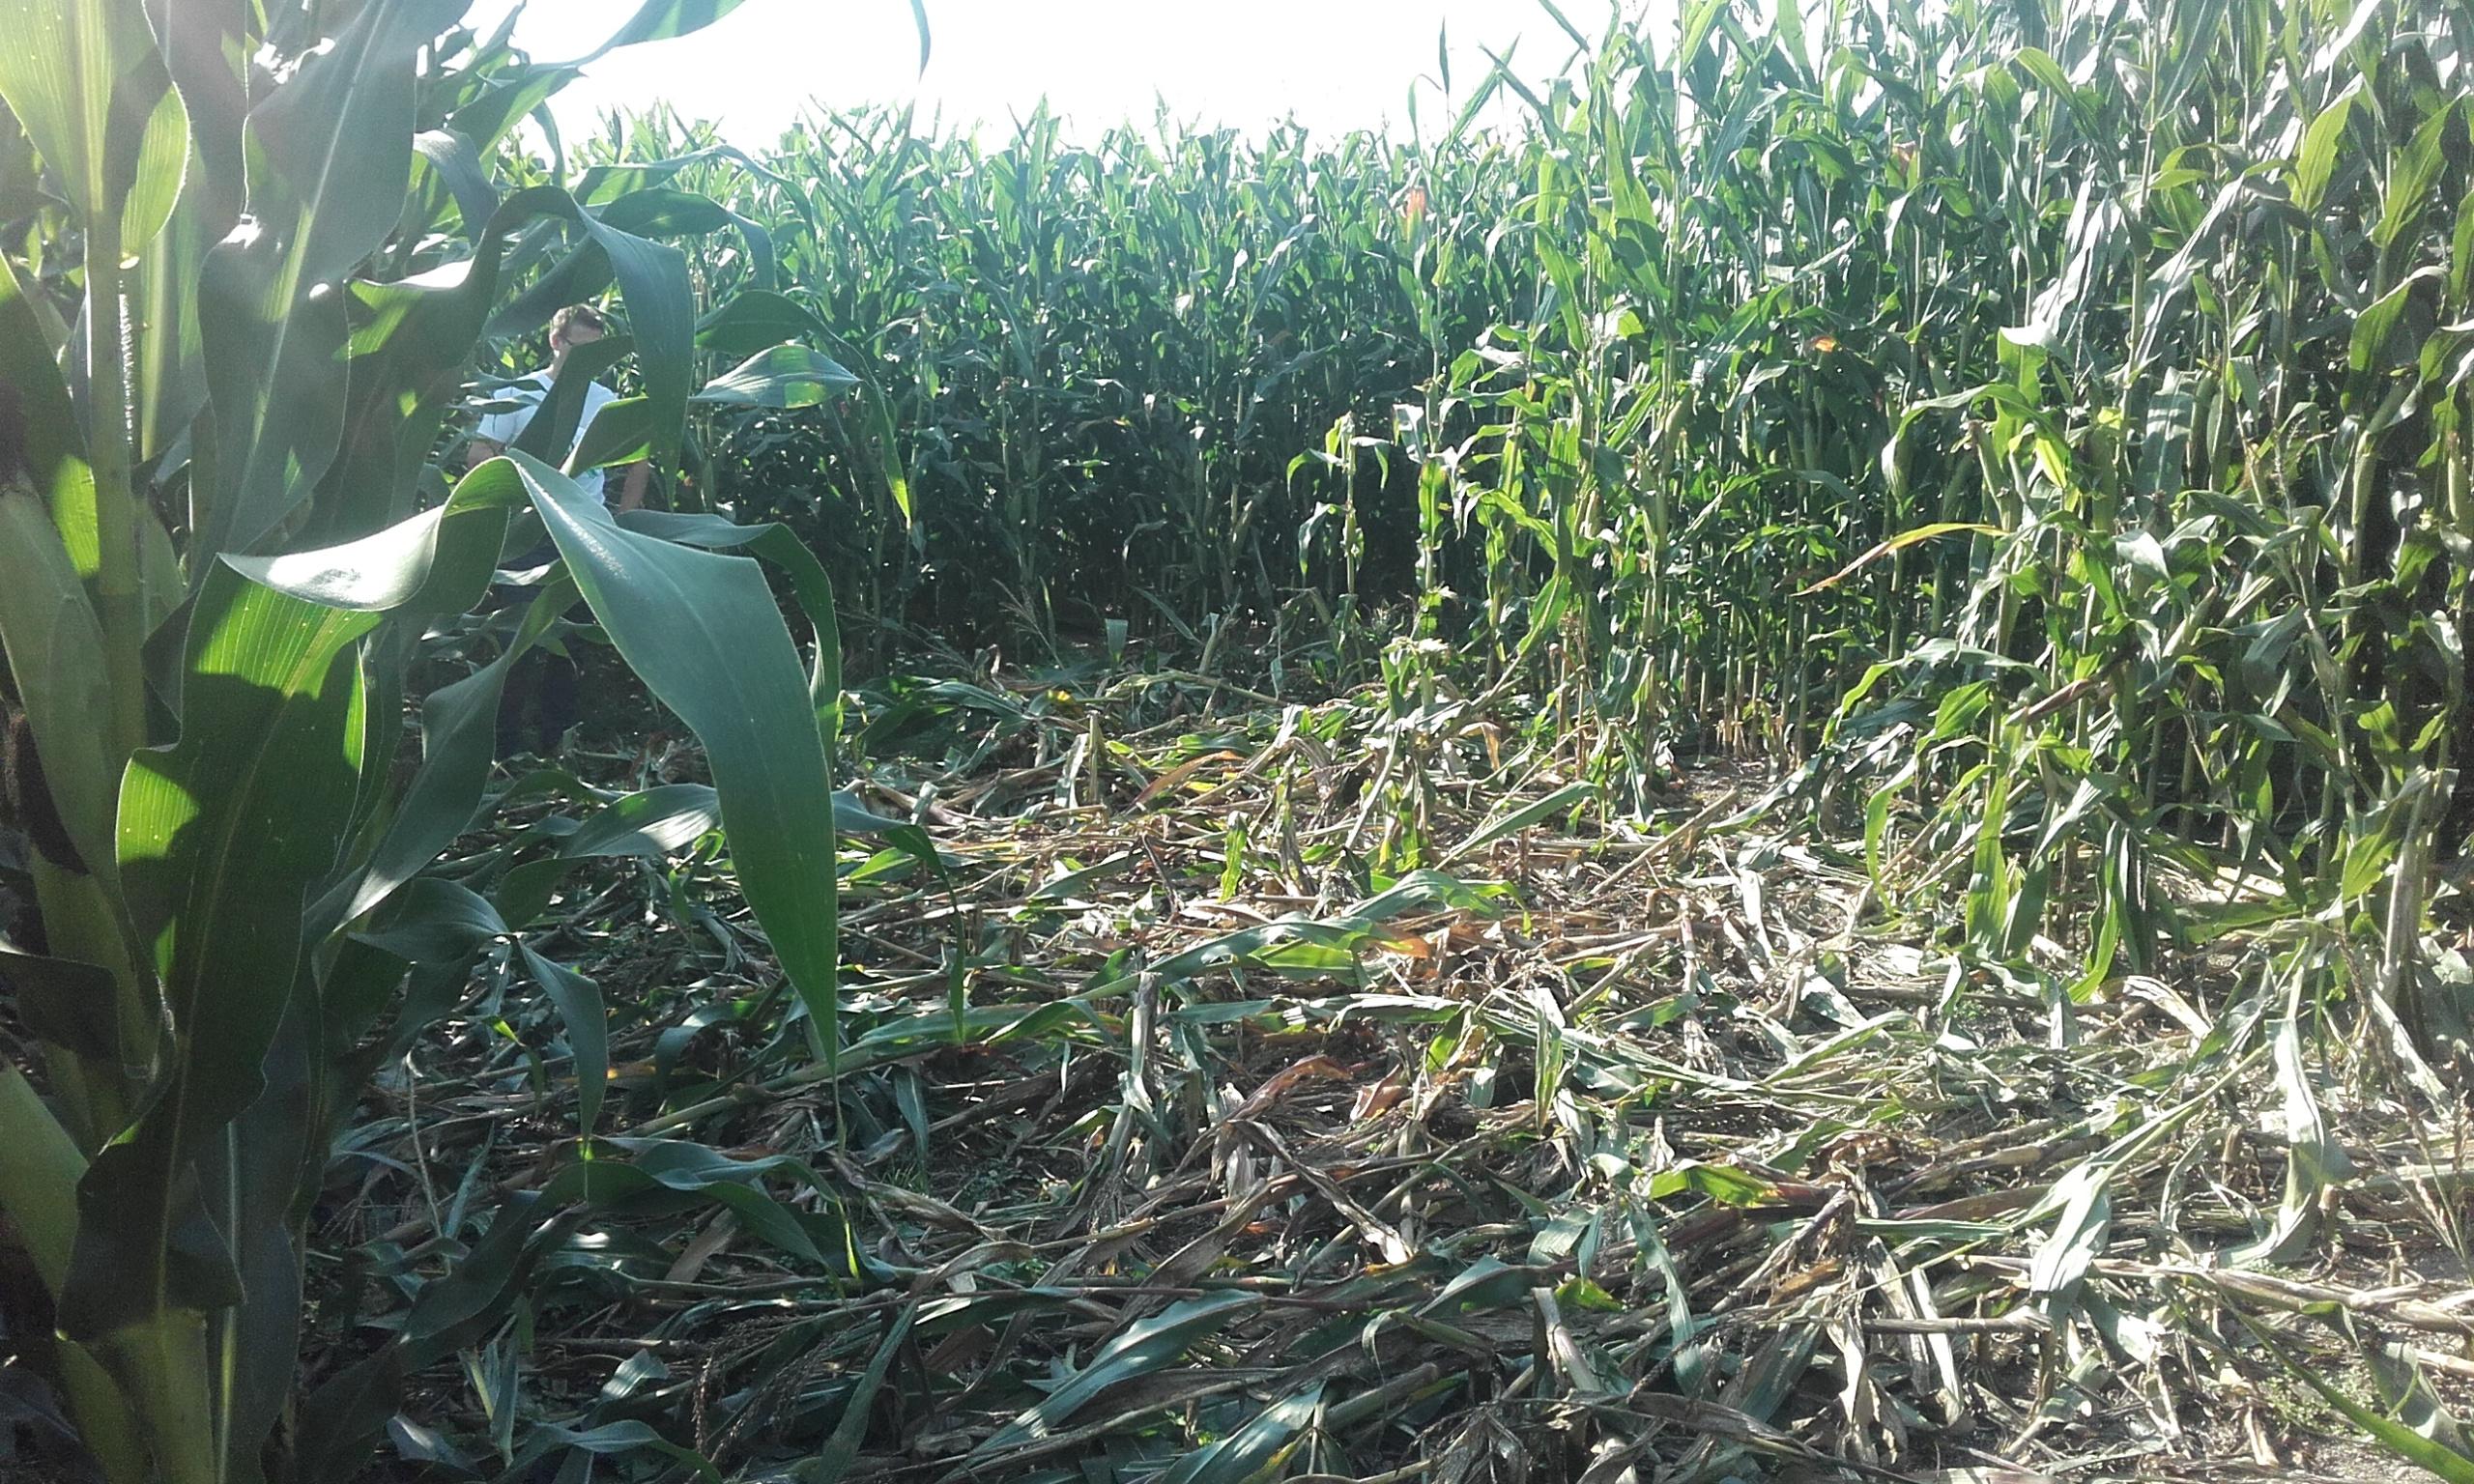 Landwirtschaft/landw2.jpg